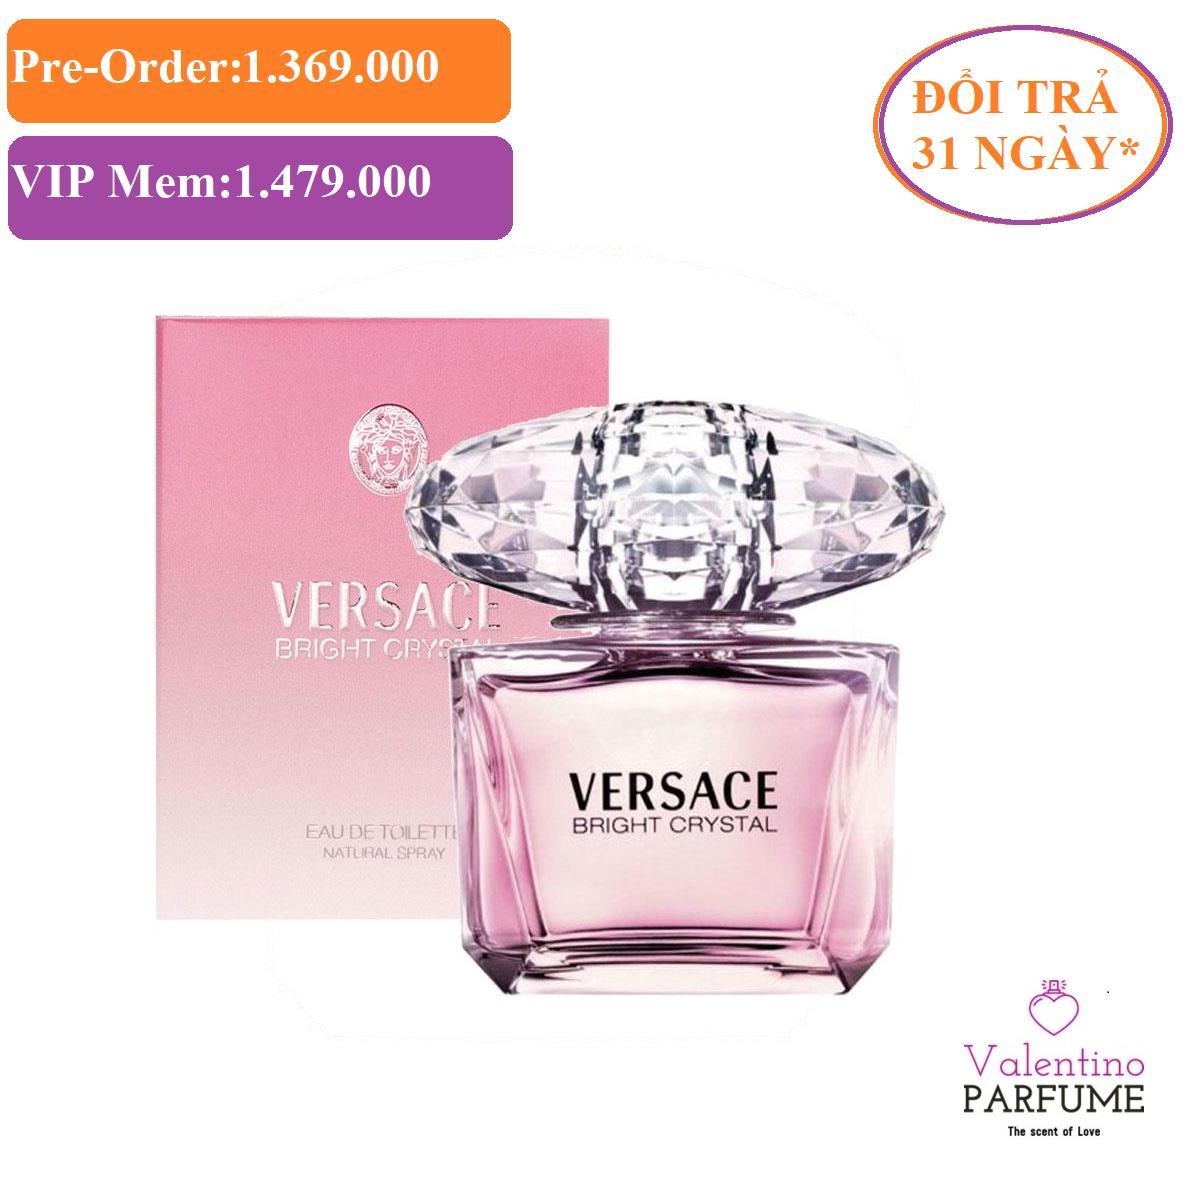 Nước hoa cao cấp Versace Bright Crystal EDT 90ml - Đổi trả 31 ngày